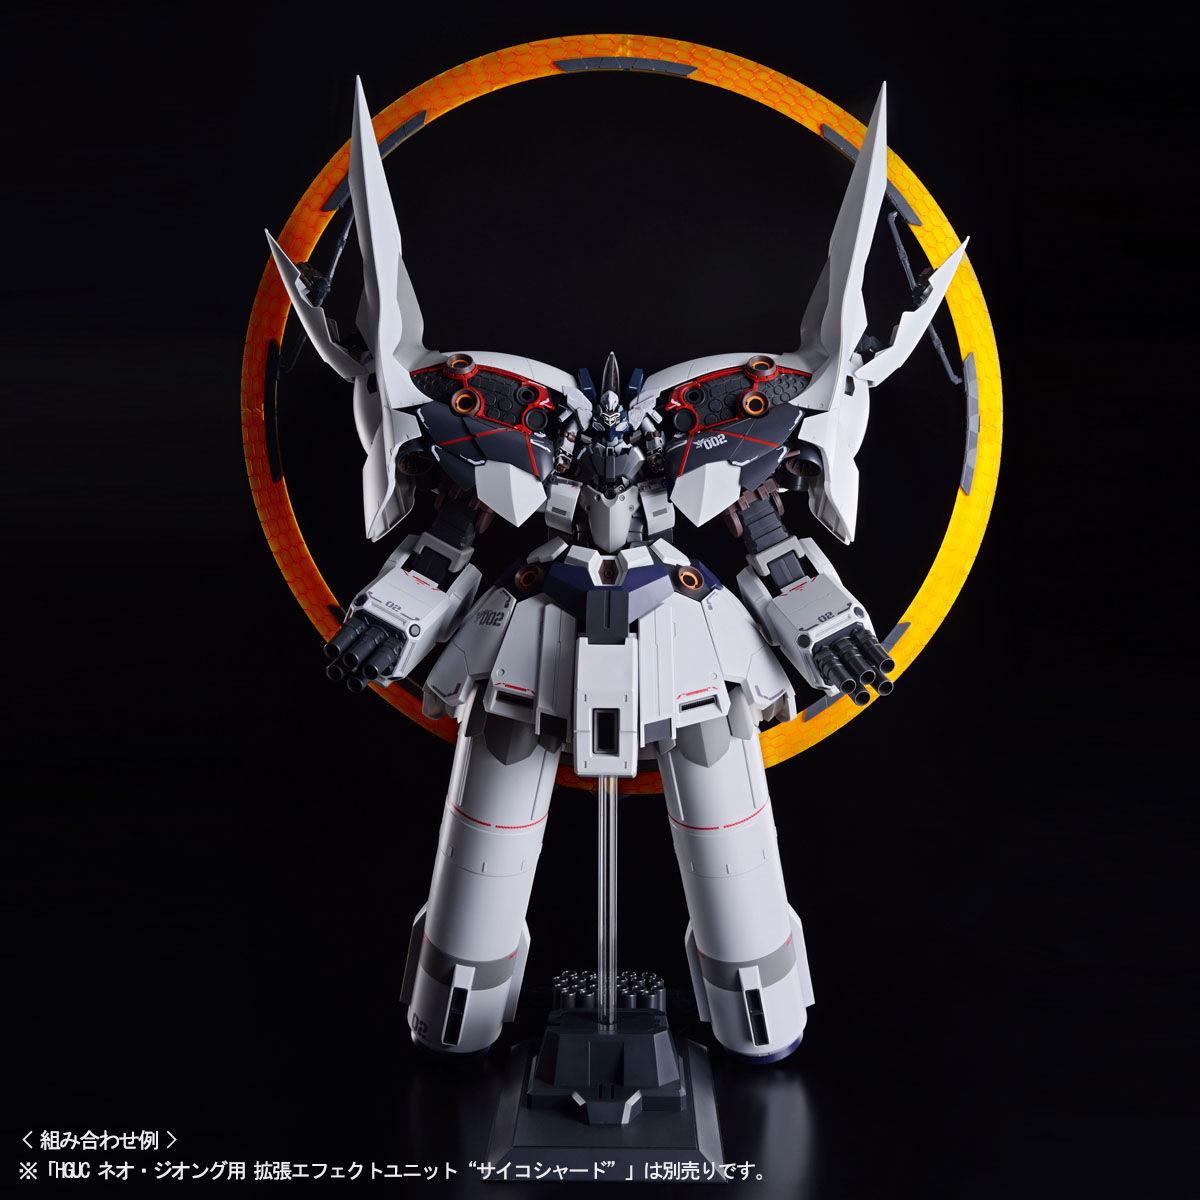 HG 1/144『II(セカンド)ネオ・ジオング(ナラティブVer.)』プラモデル-007